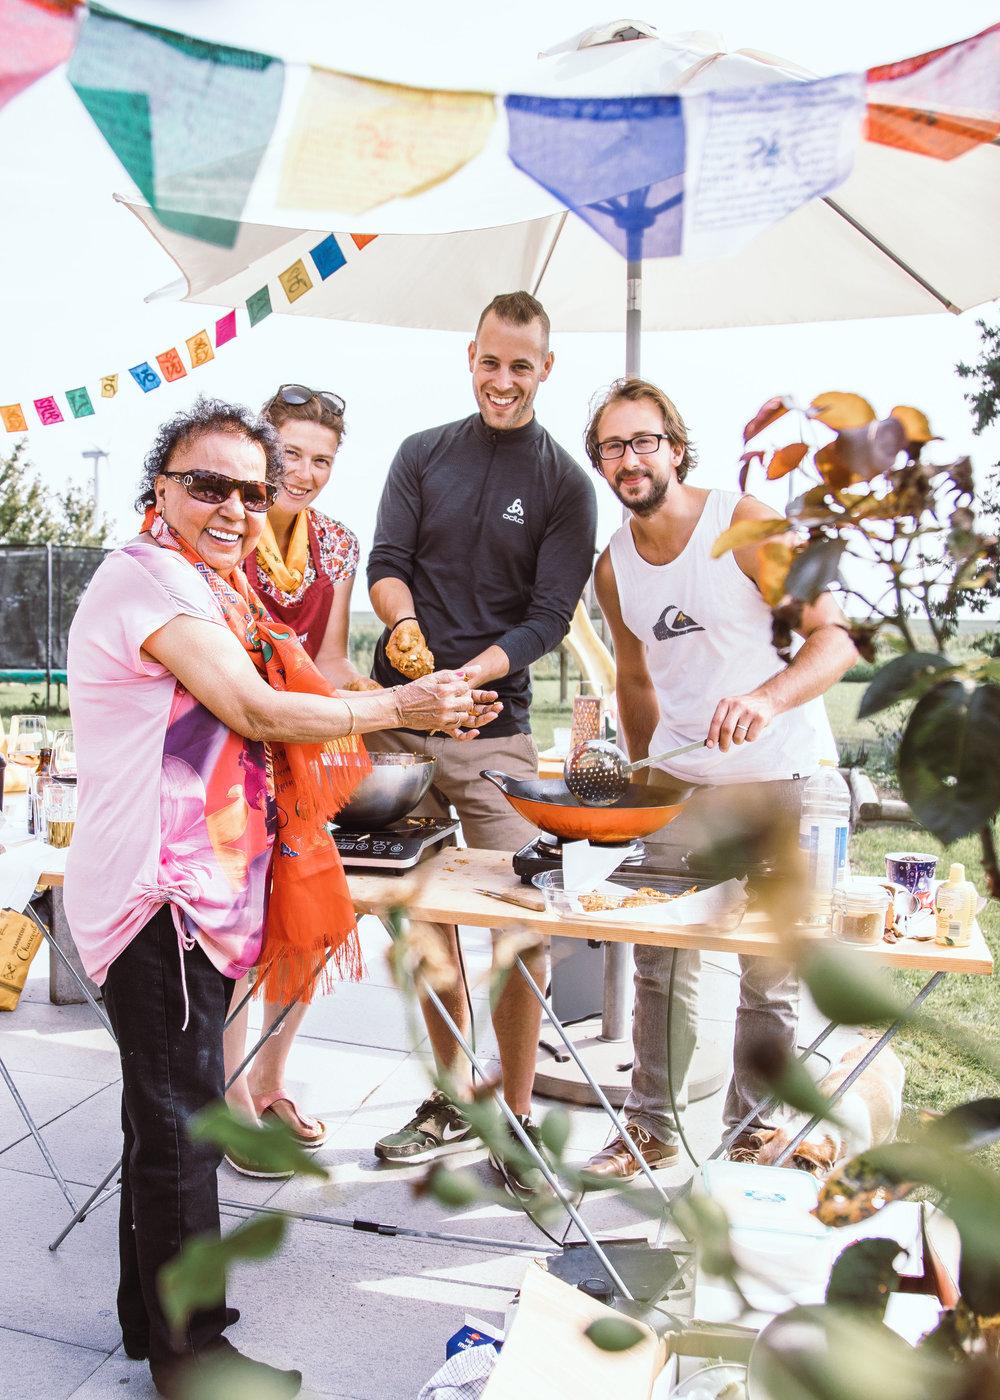 Een groep van familie en vrienden die de bijzondere smaken van Nepal ontdekten tijdens een kookworkshop.